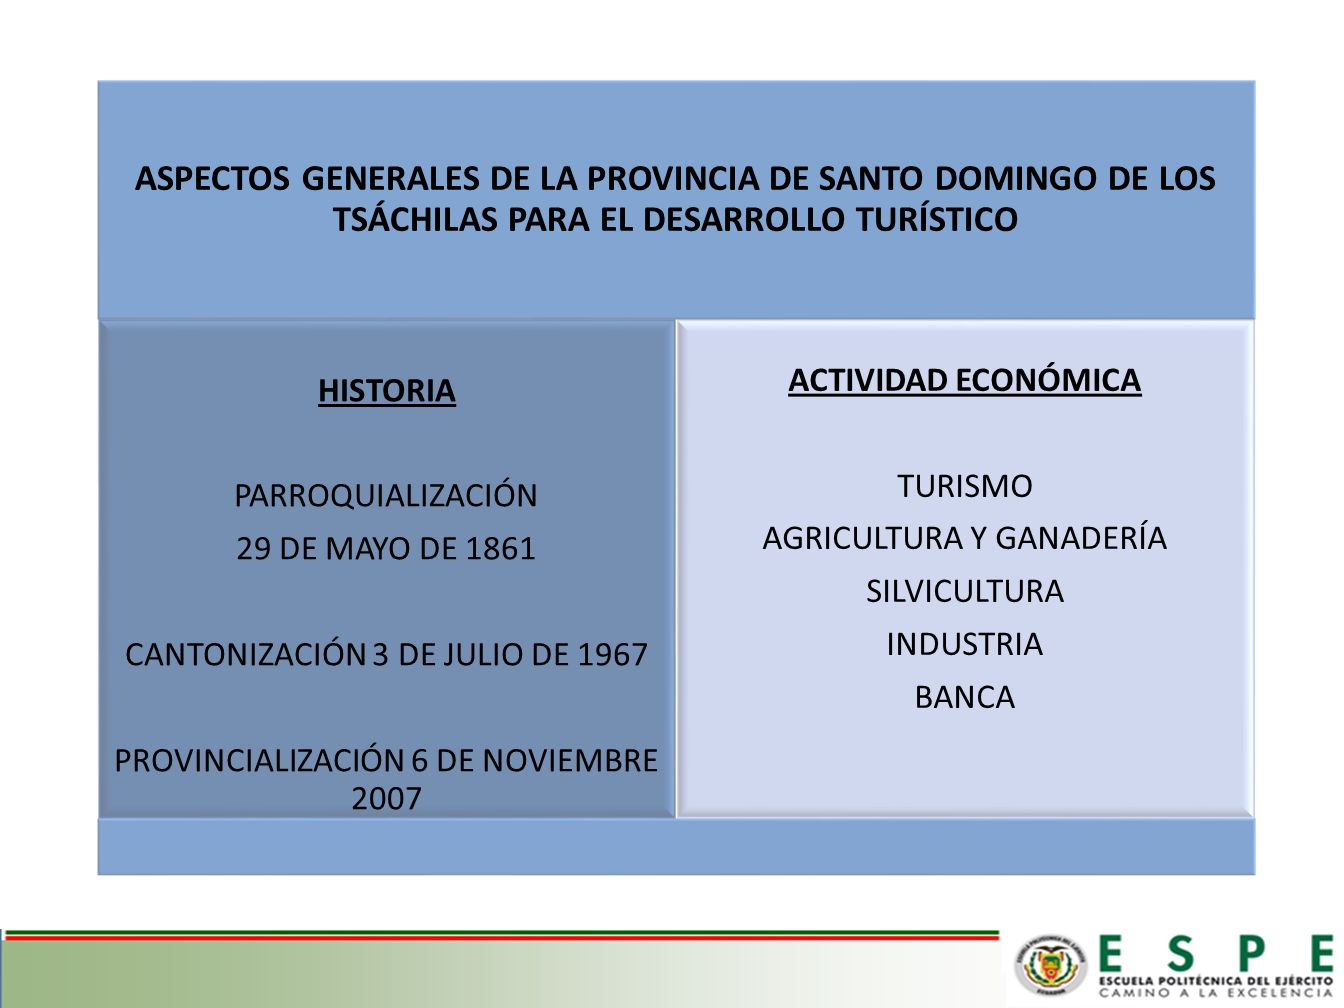 ASPECTOS GENERALES DE LA PROVINCIA DE SANTO DOMINGO DE LOS TSÁCHILAS PARA EL DESARROLLO TURÍSTICO